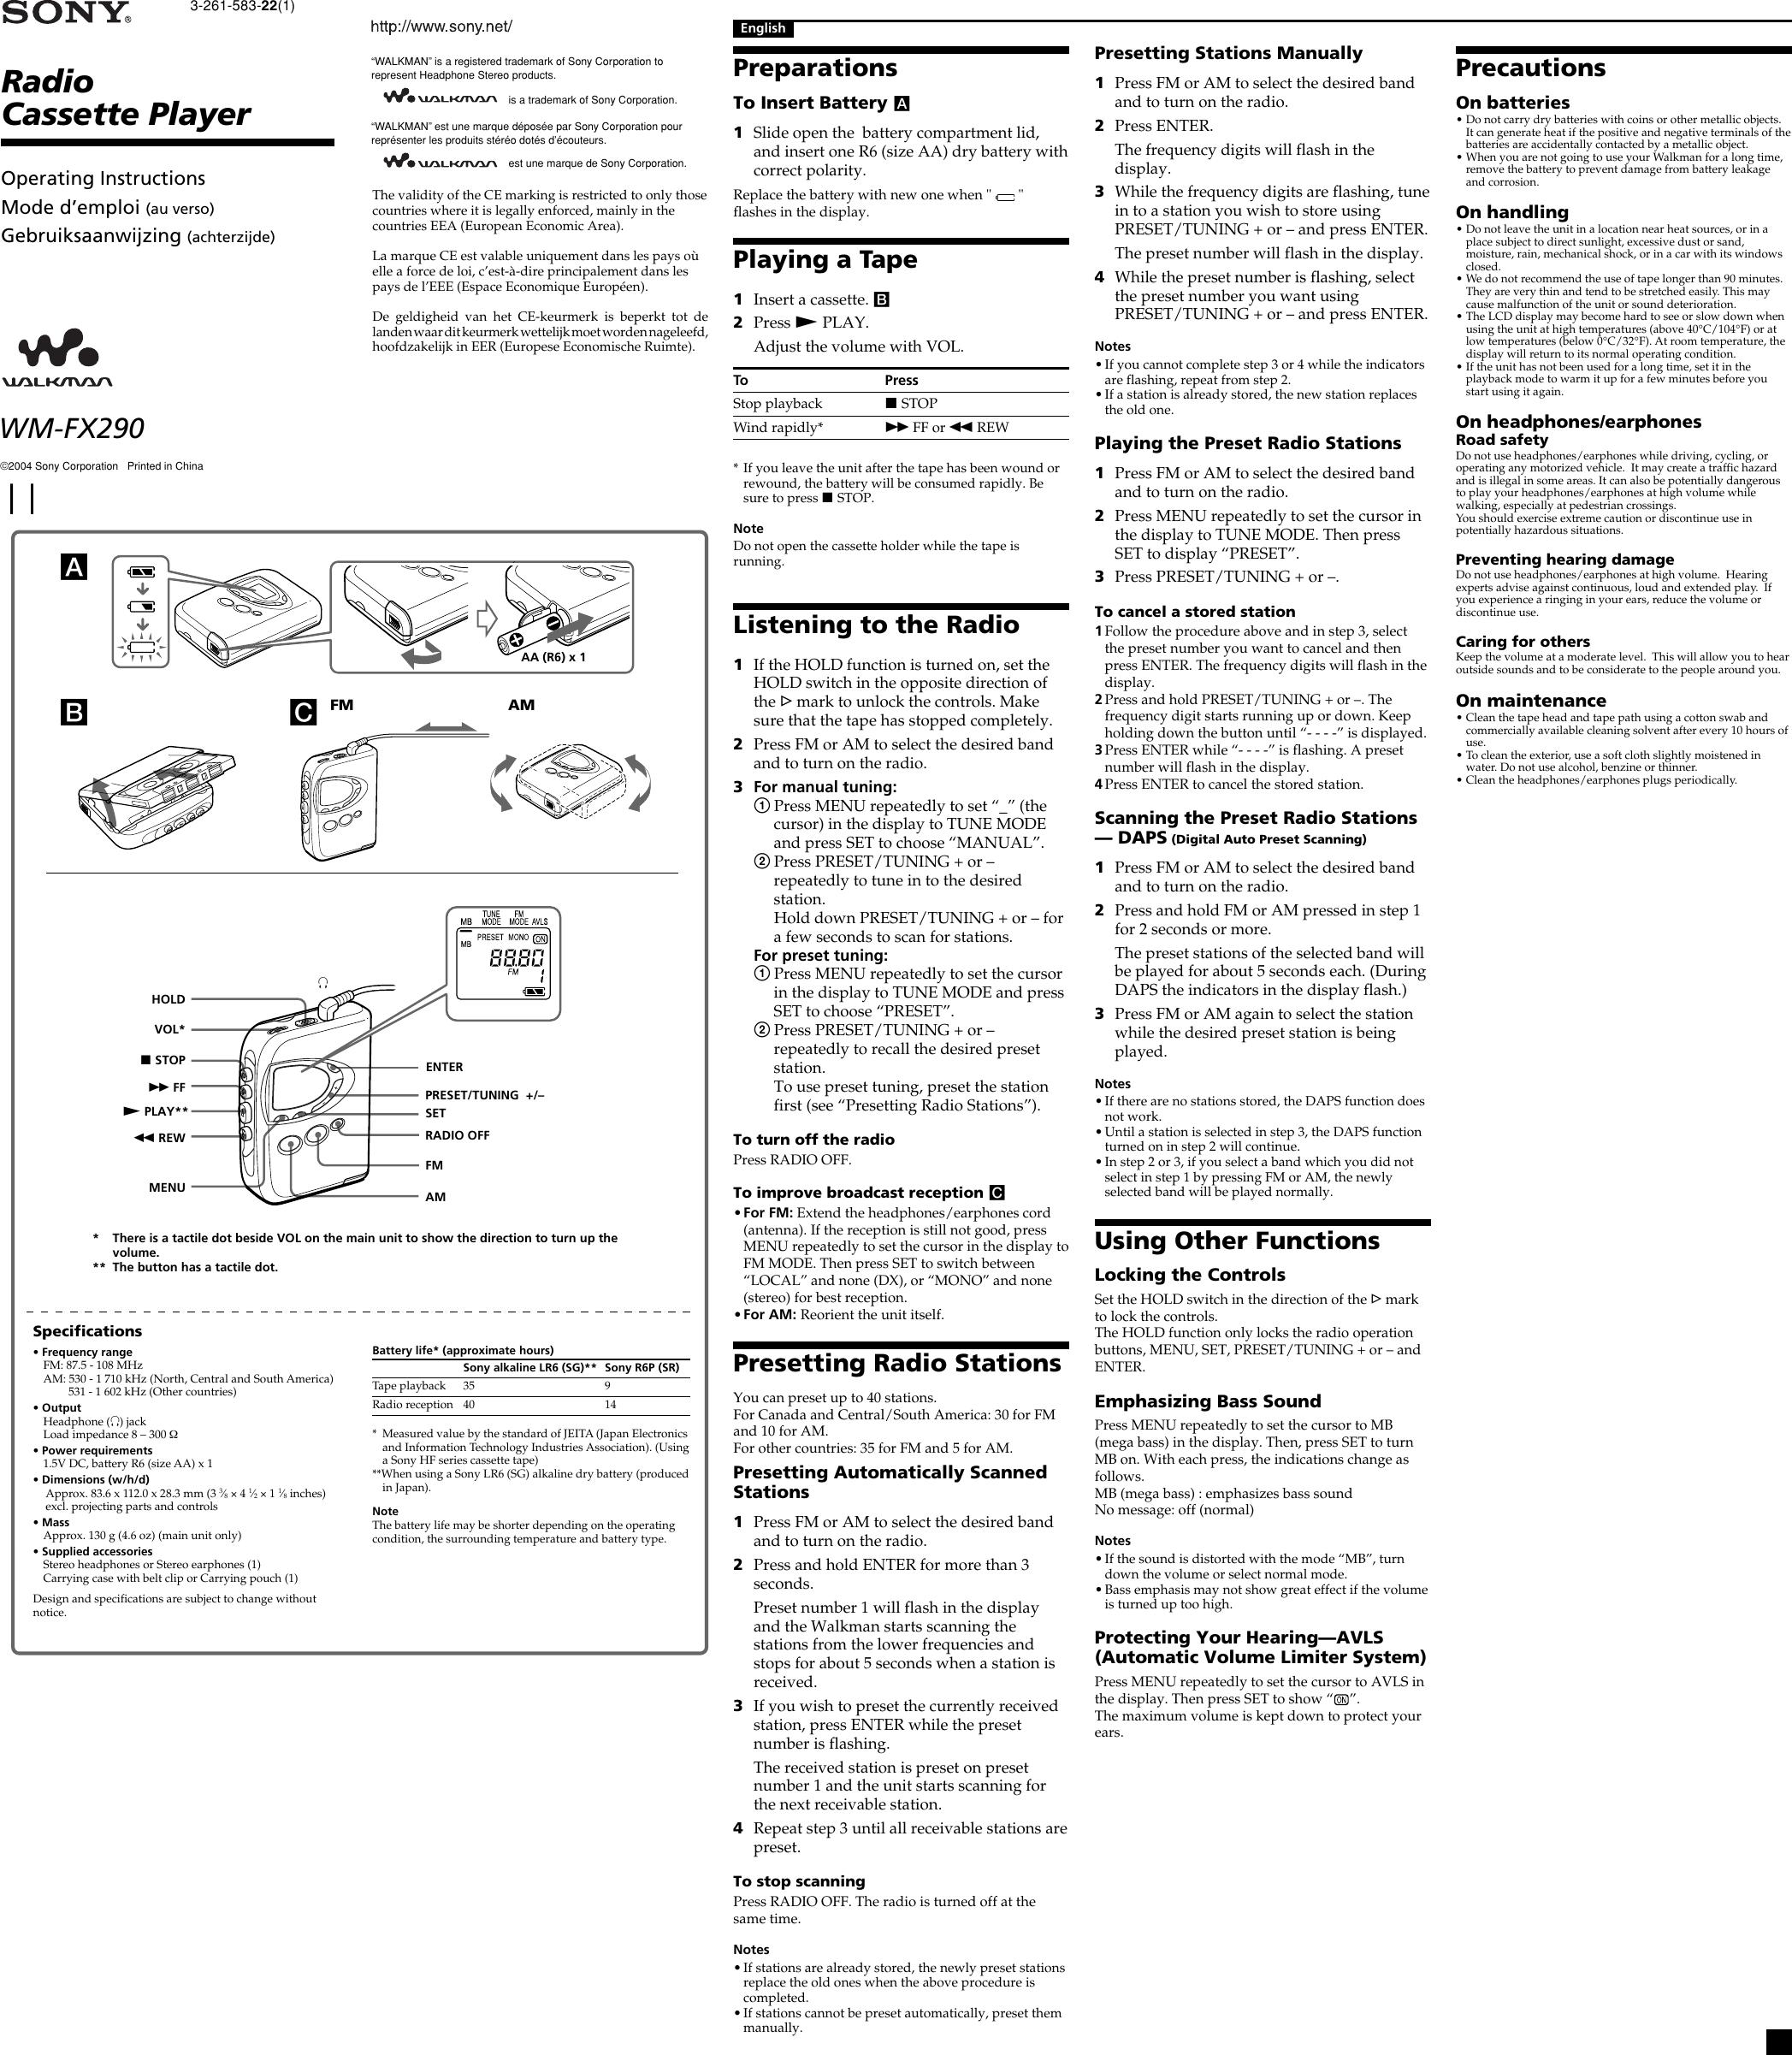 Sony Walkman Wm Fx290 Users Manual